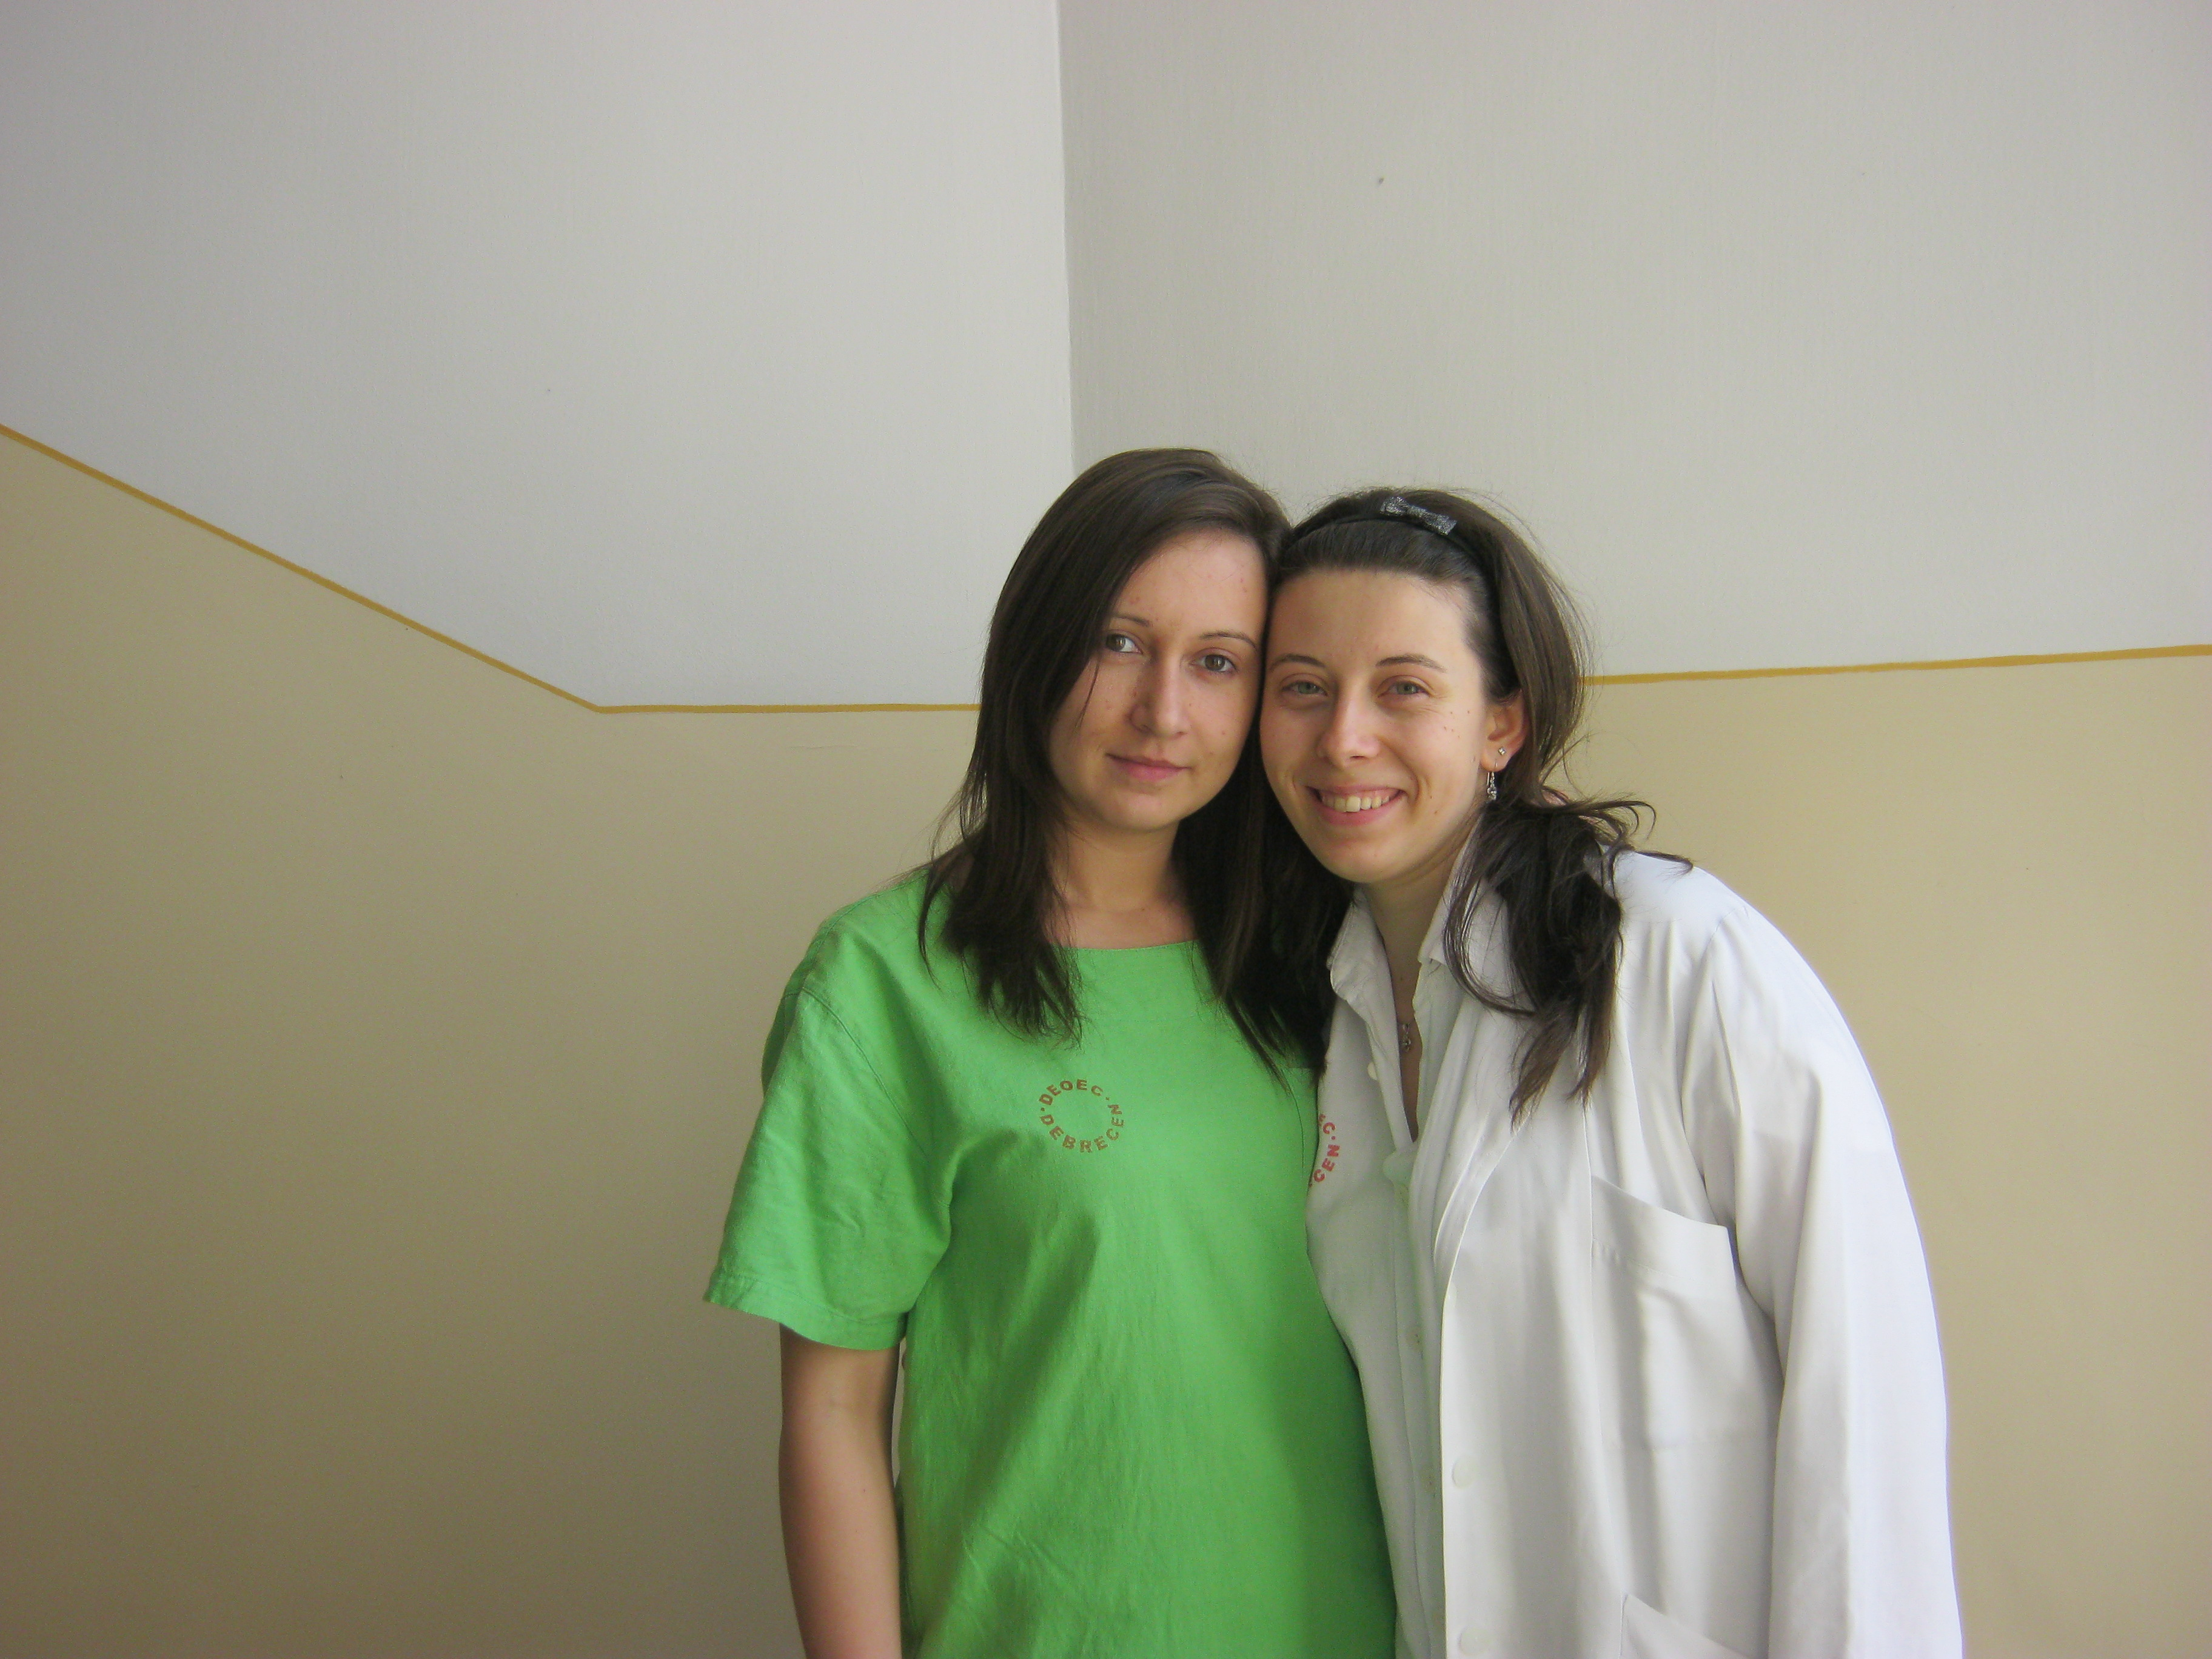 Sikeresen befejeződött a Szakmai felkészítés kezdő nővéreknek Debrecenben projekt első fluxusa